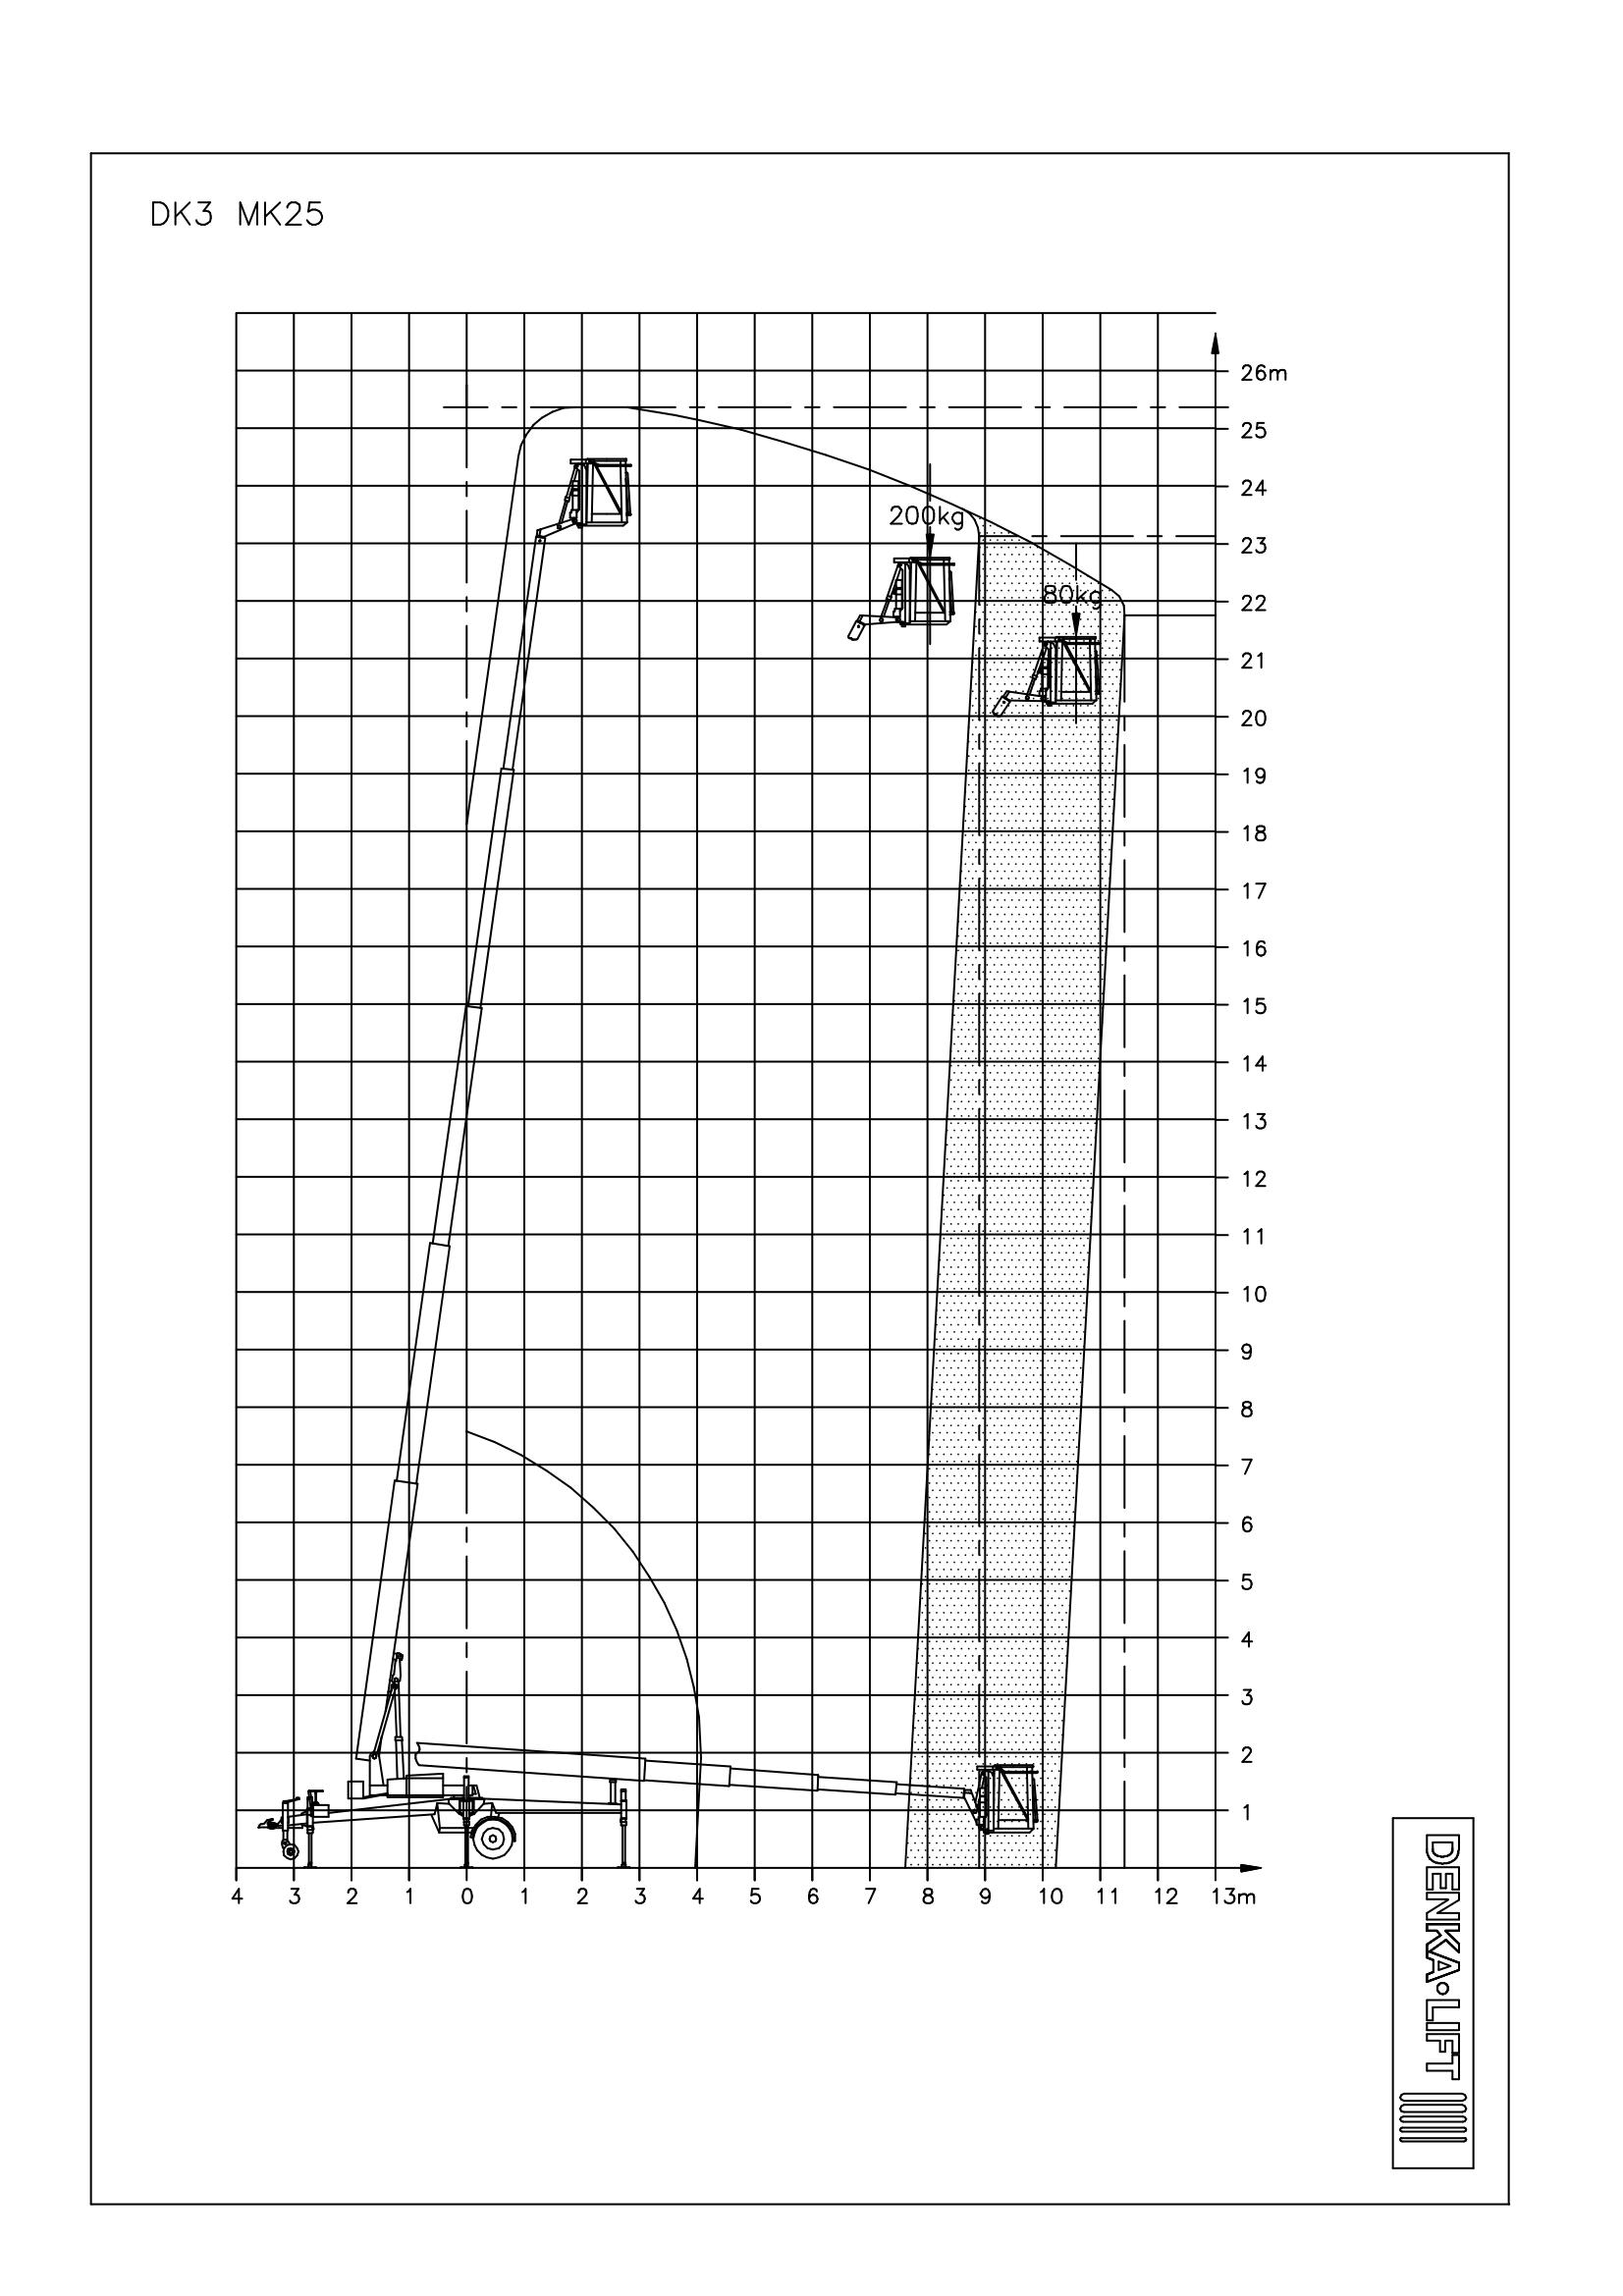 Berühmt 5 Poliges Anhängerstecker Diagramm Galerie - Elektrische ...